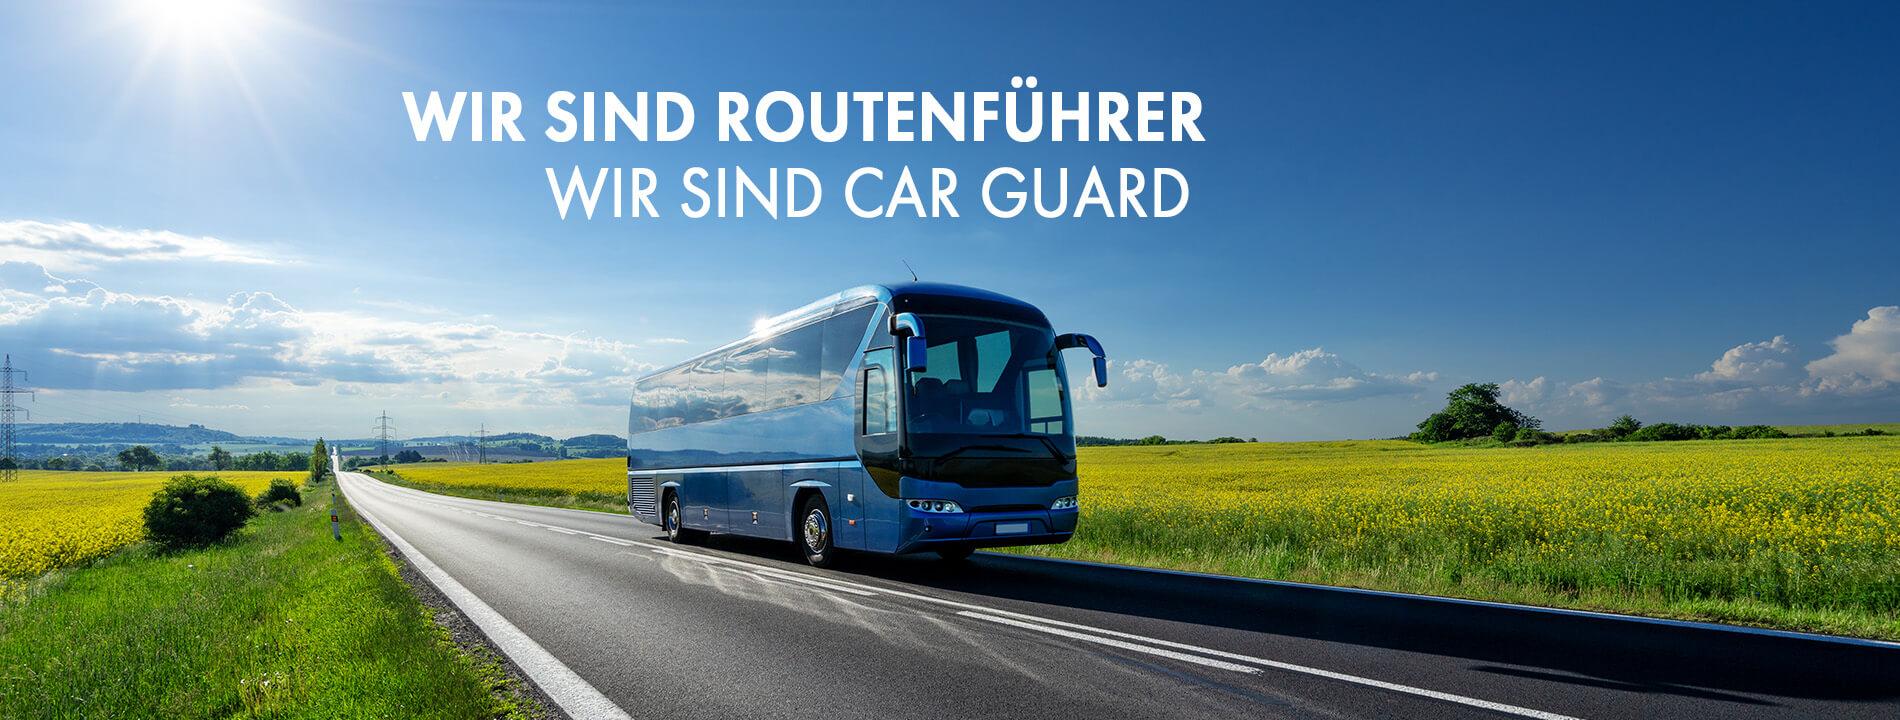 Wir sind Routenführer - Wir sind Car Guard